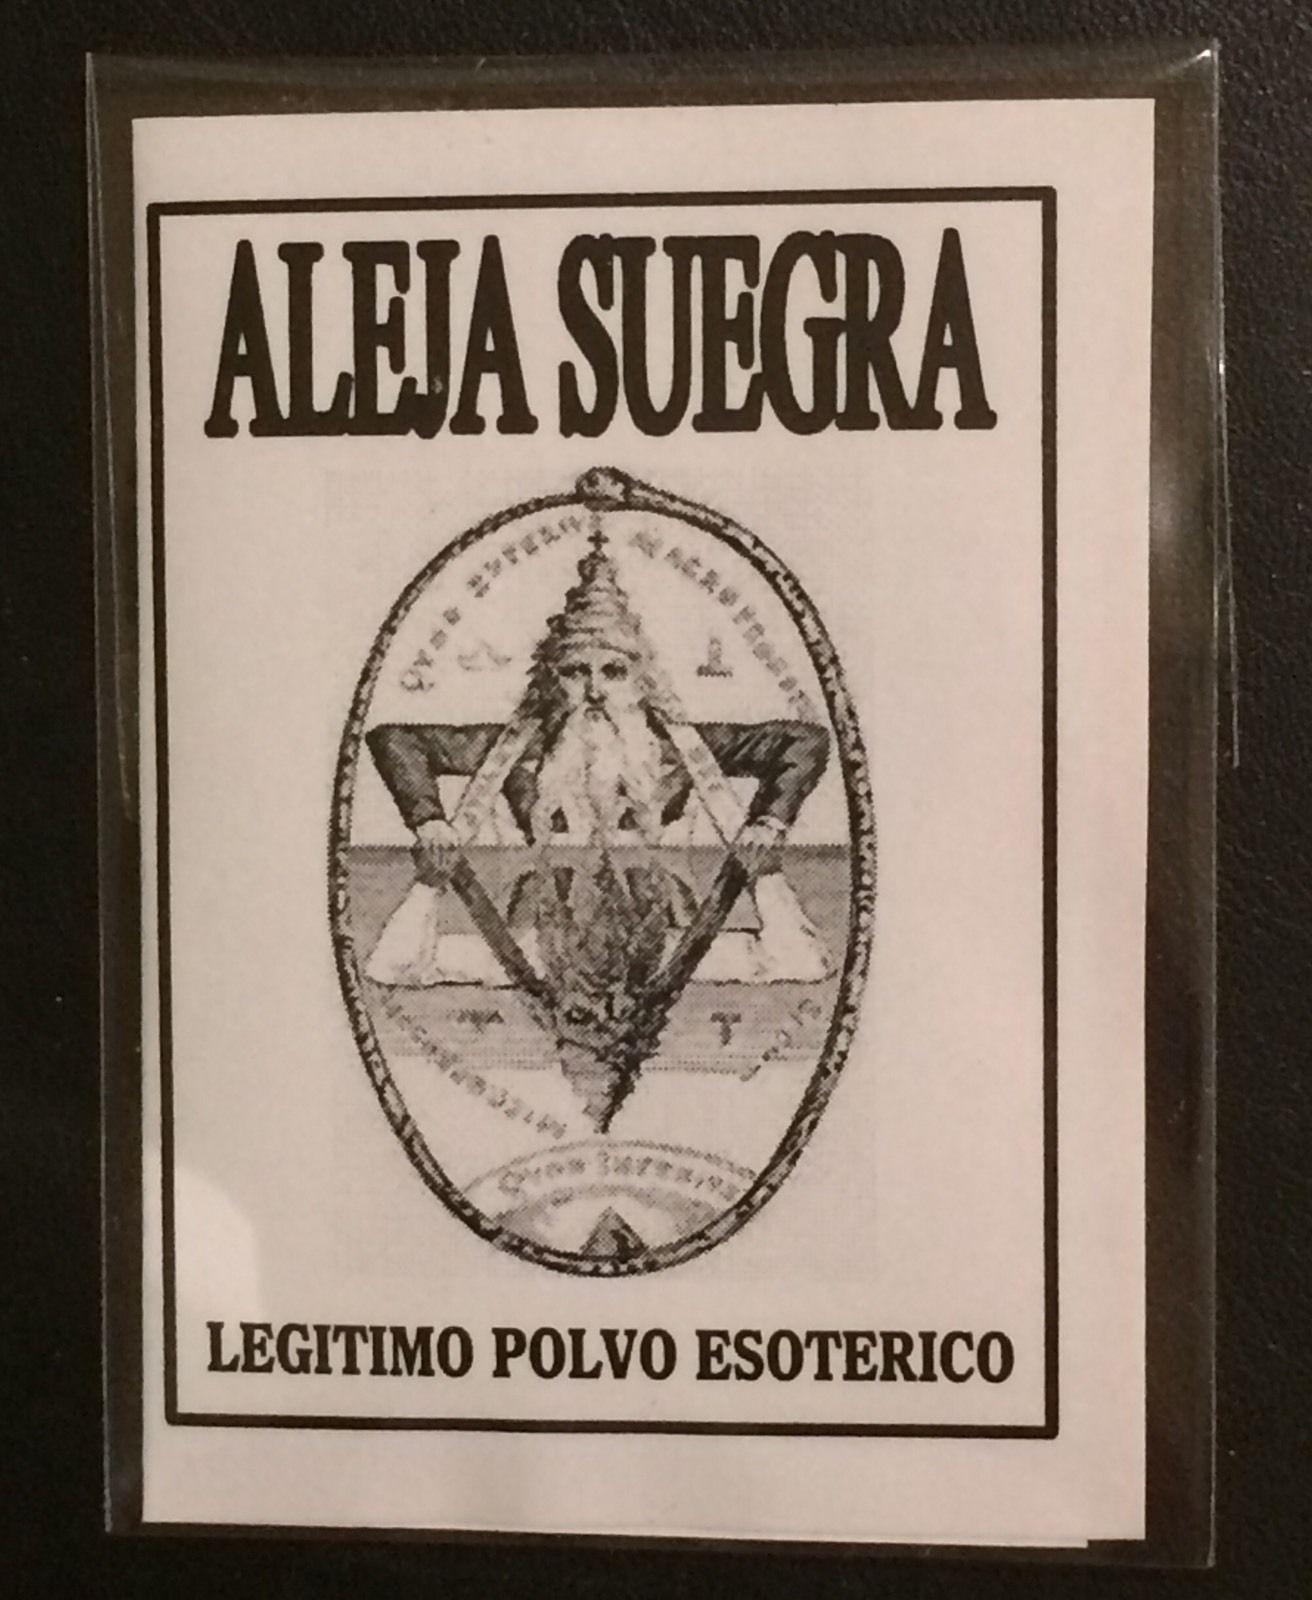 LEGITIMO POLVO ESOTERICO ALEJA SUEGRA